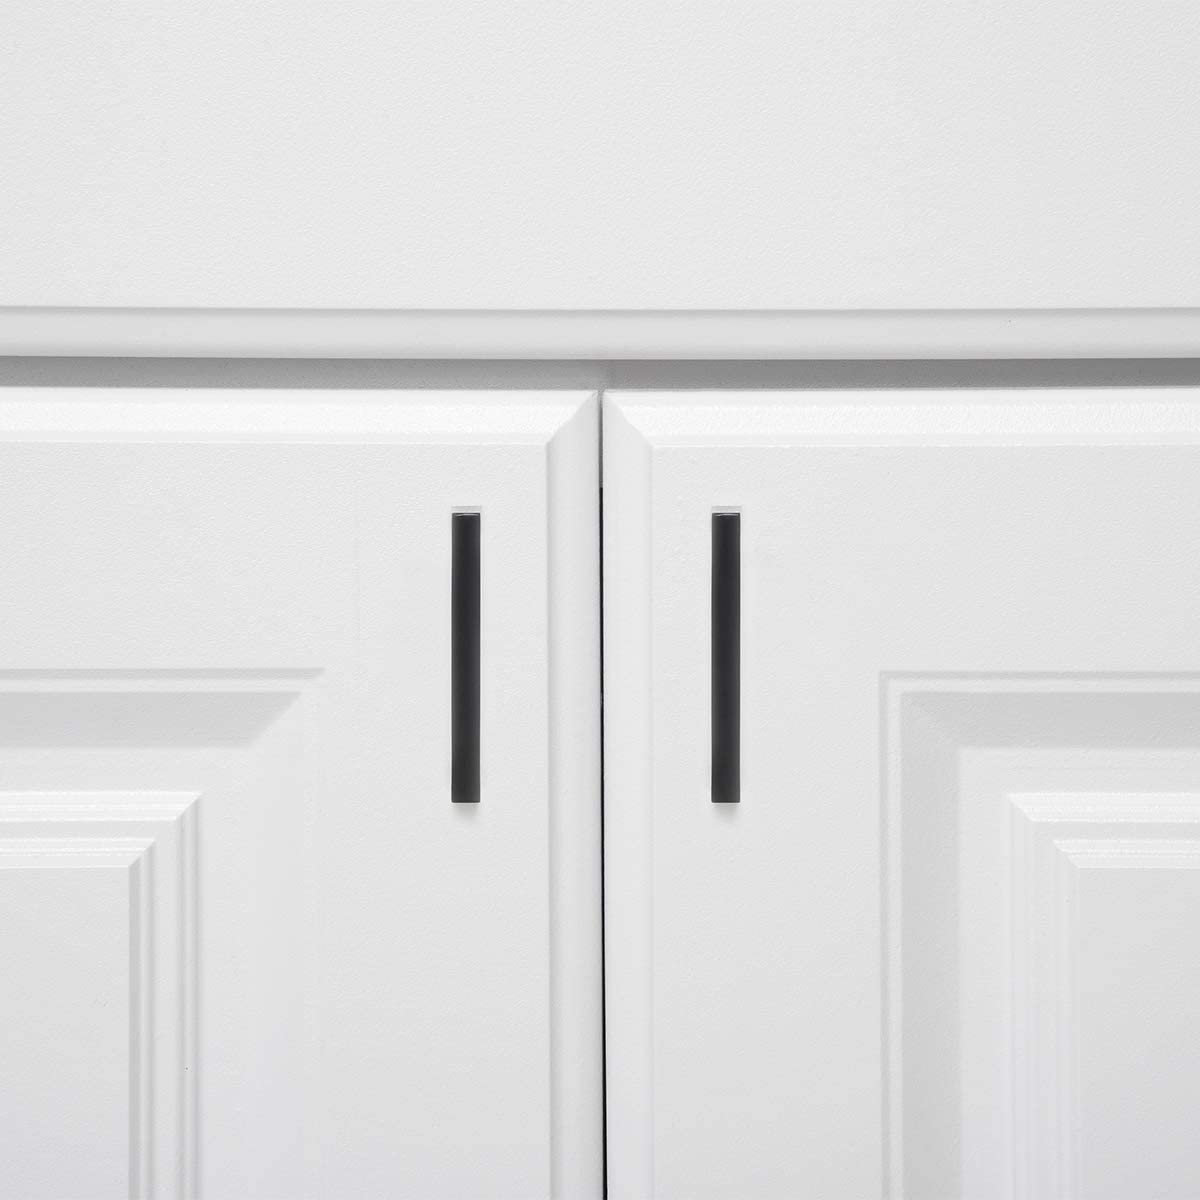 centre des trous 7,62 cm Noir mat Basics AB3700-FB-10 Poign/ée pour placard Longueur 8,5 cm